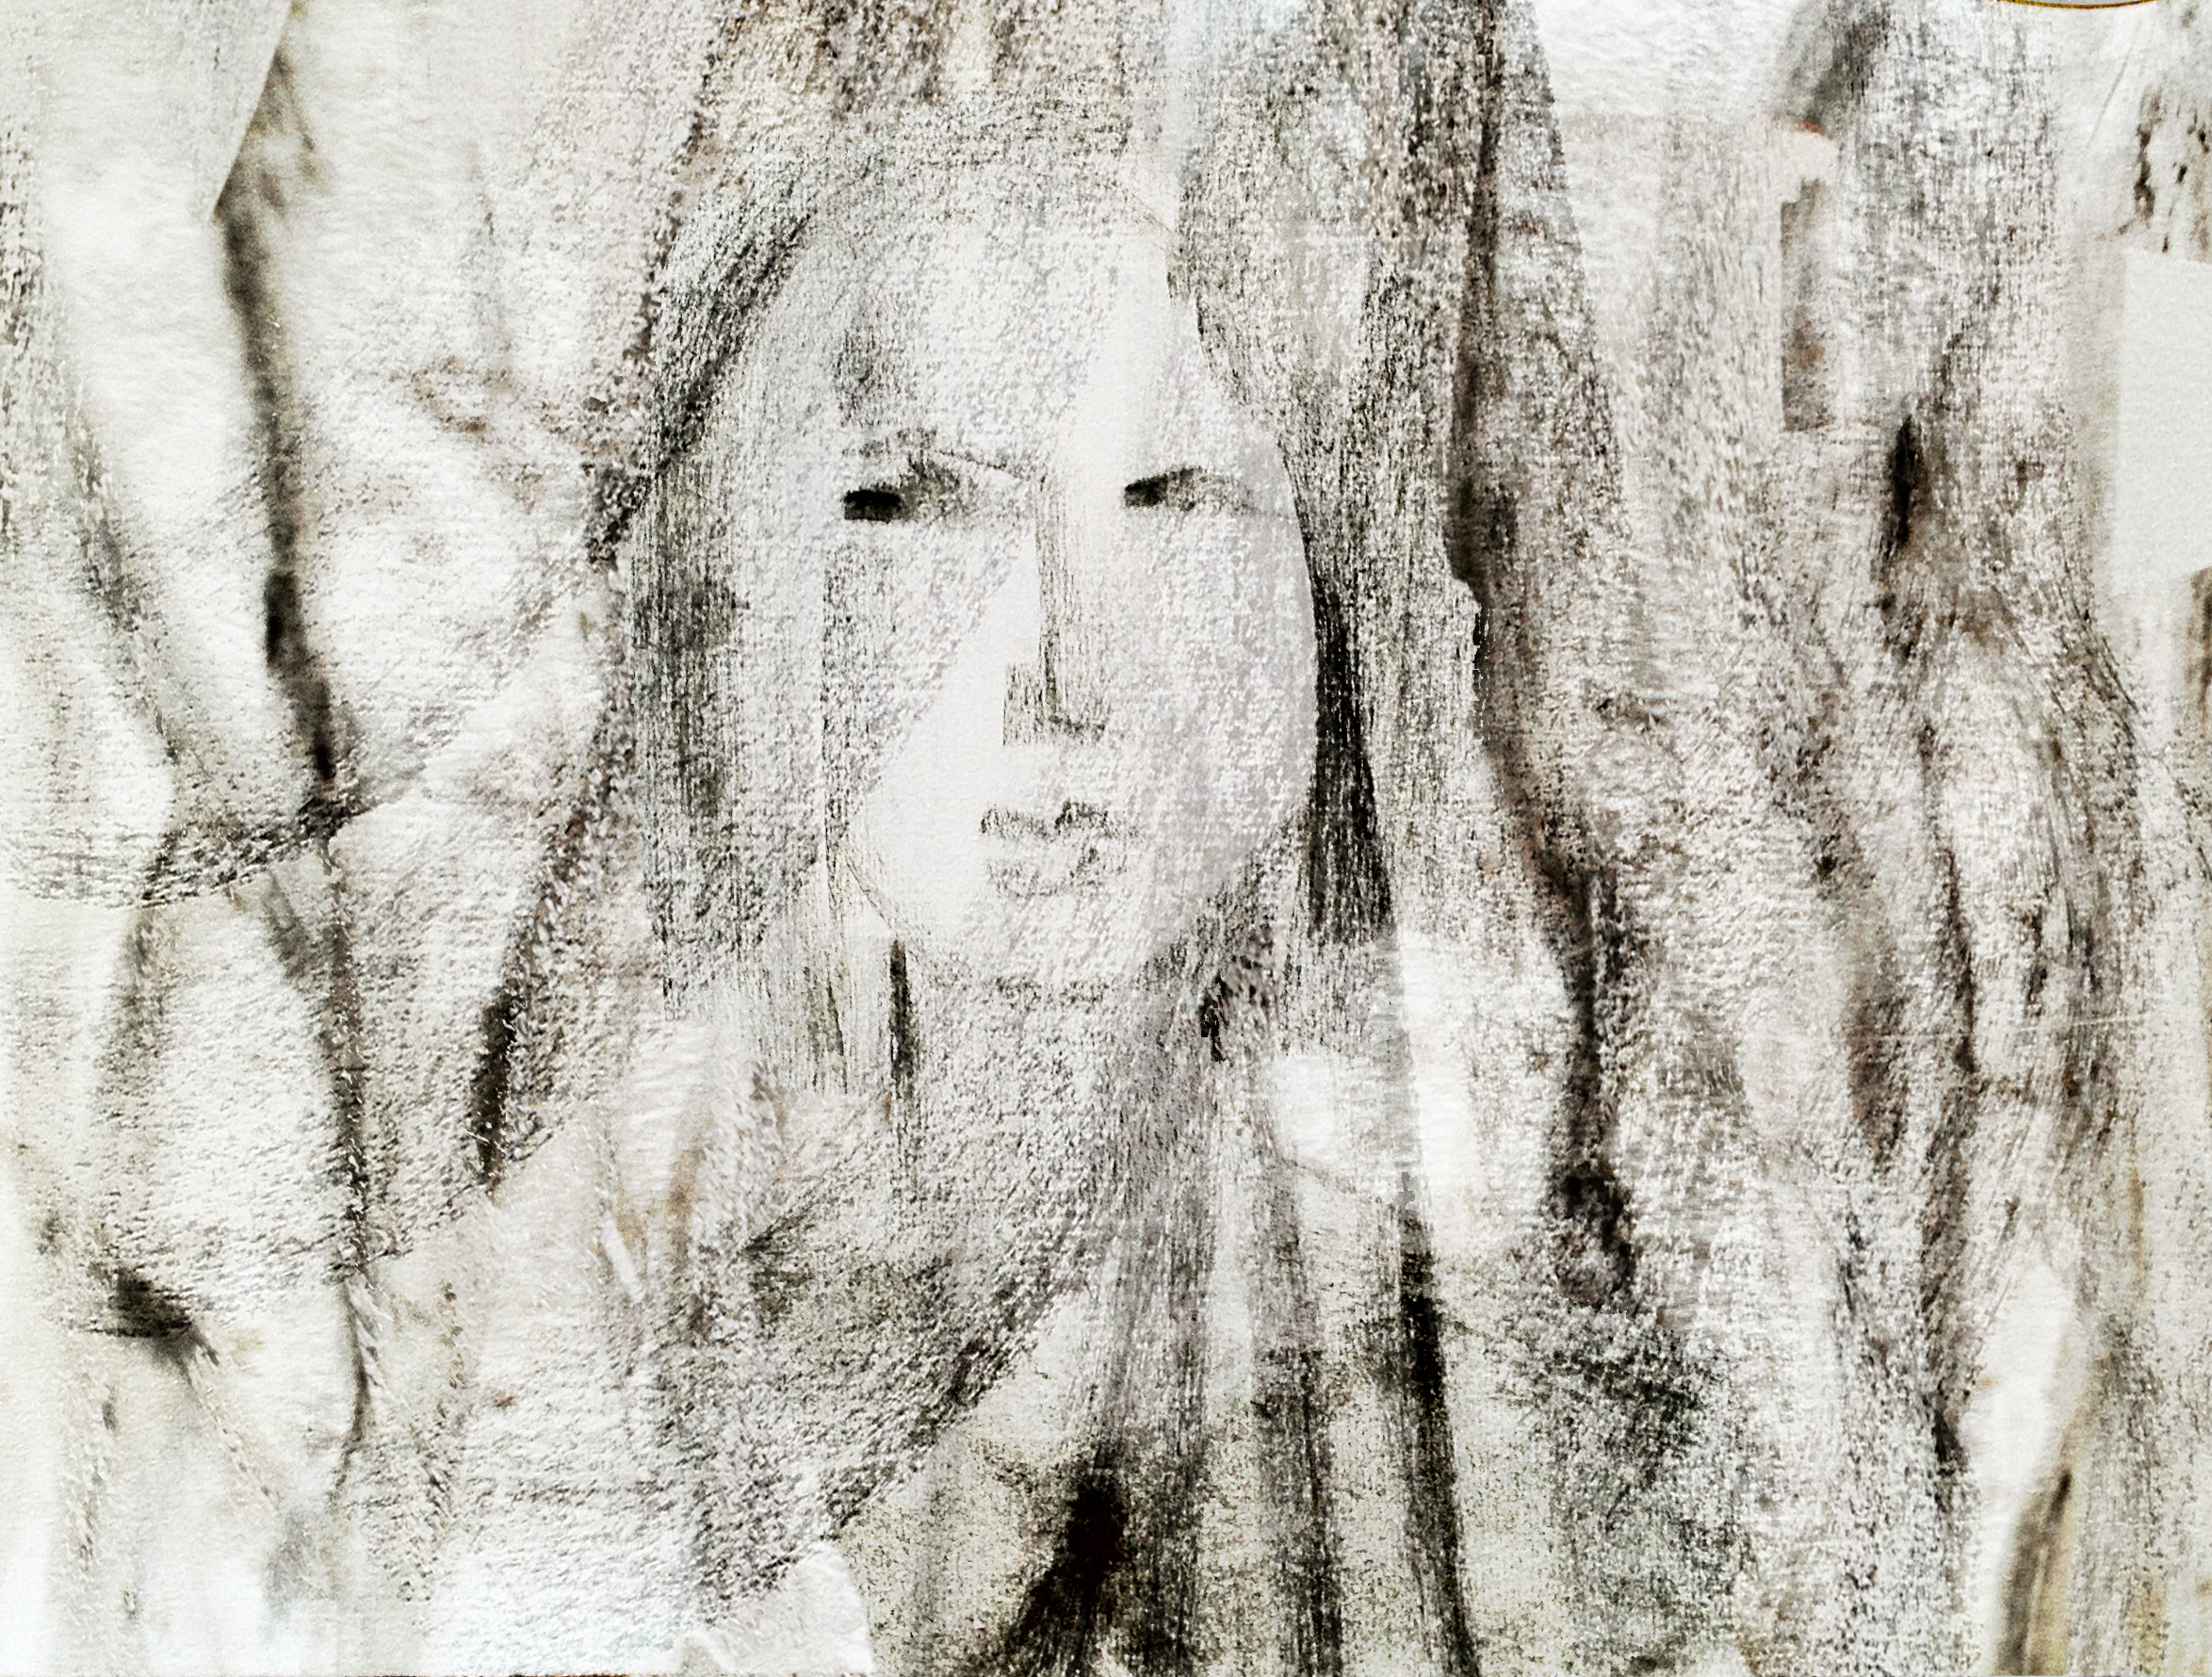 פחם על נייר  2012 02223 copy